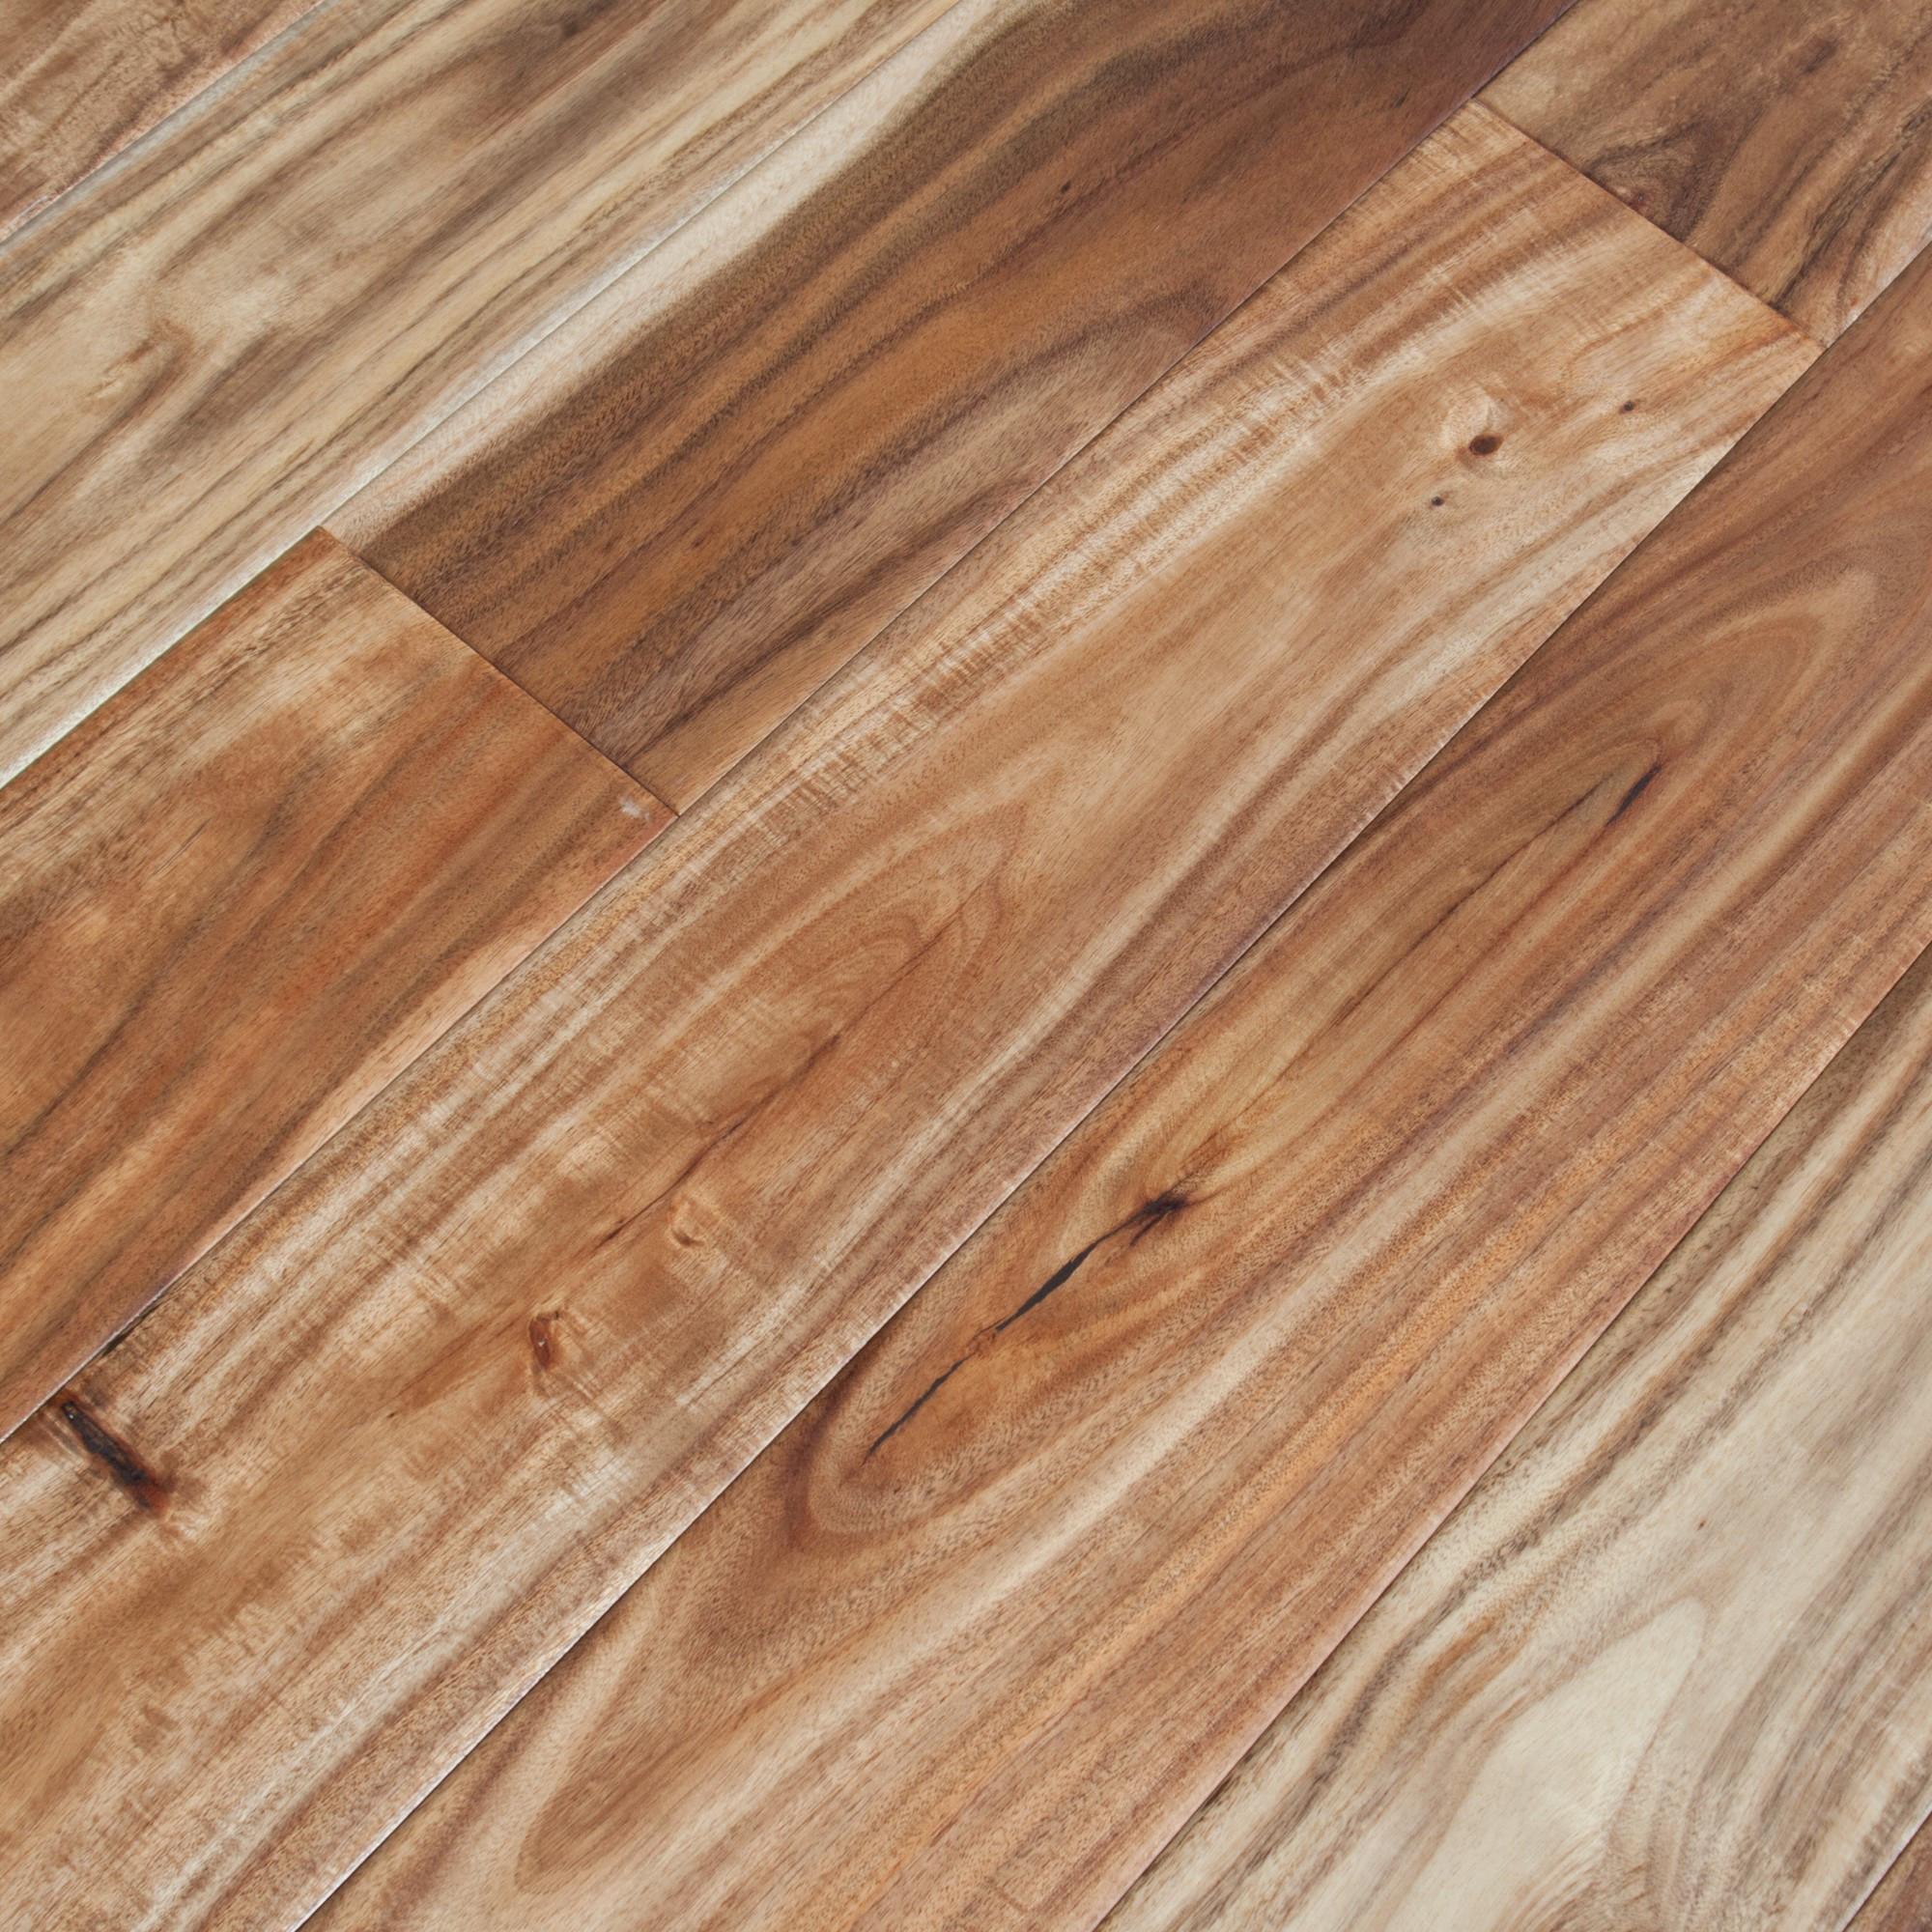 engineered hardwood flooring made in usa of 14 unique acacia solid hardwood flooring pics dizpos com for acacia solid hardwood flooring unique 9 mile creek acacia hand scraped images of 14 unique acacia